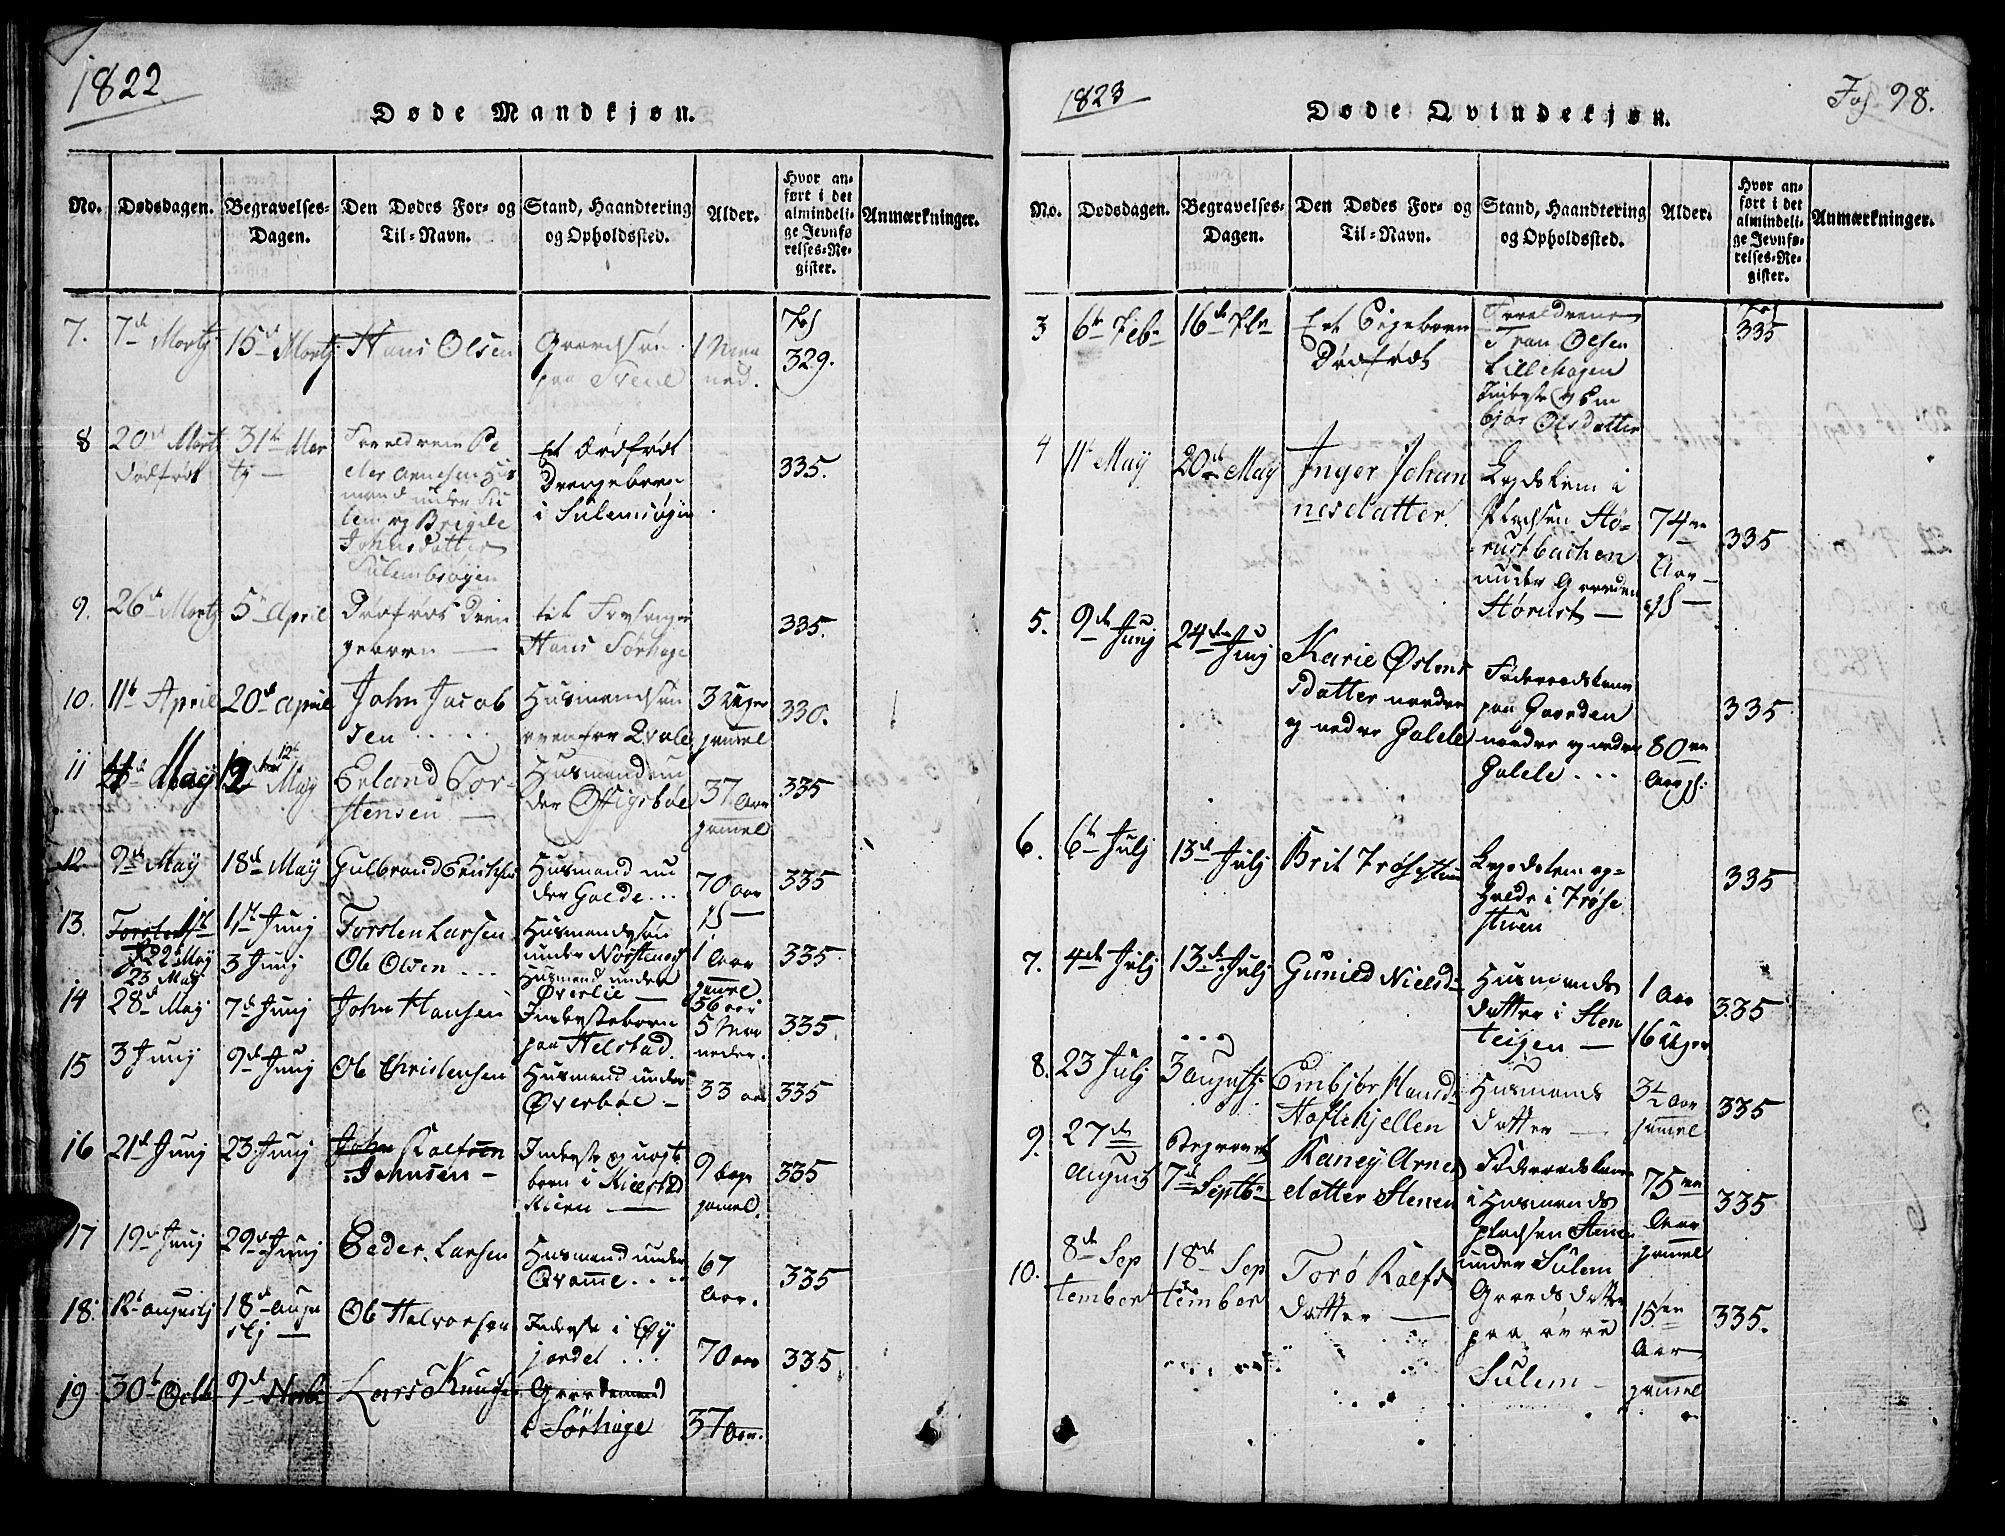 SAH, Lom prestekontor, L/L0001: Klokkerbok nr. 1, 1815-1836, s. 98